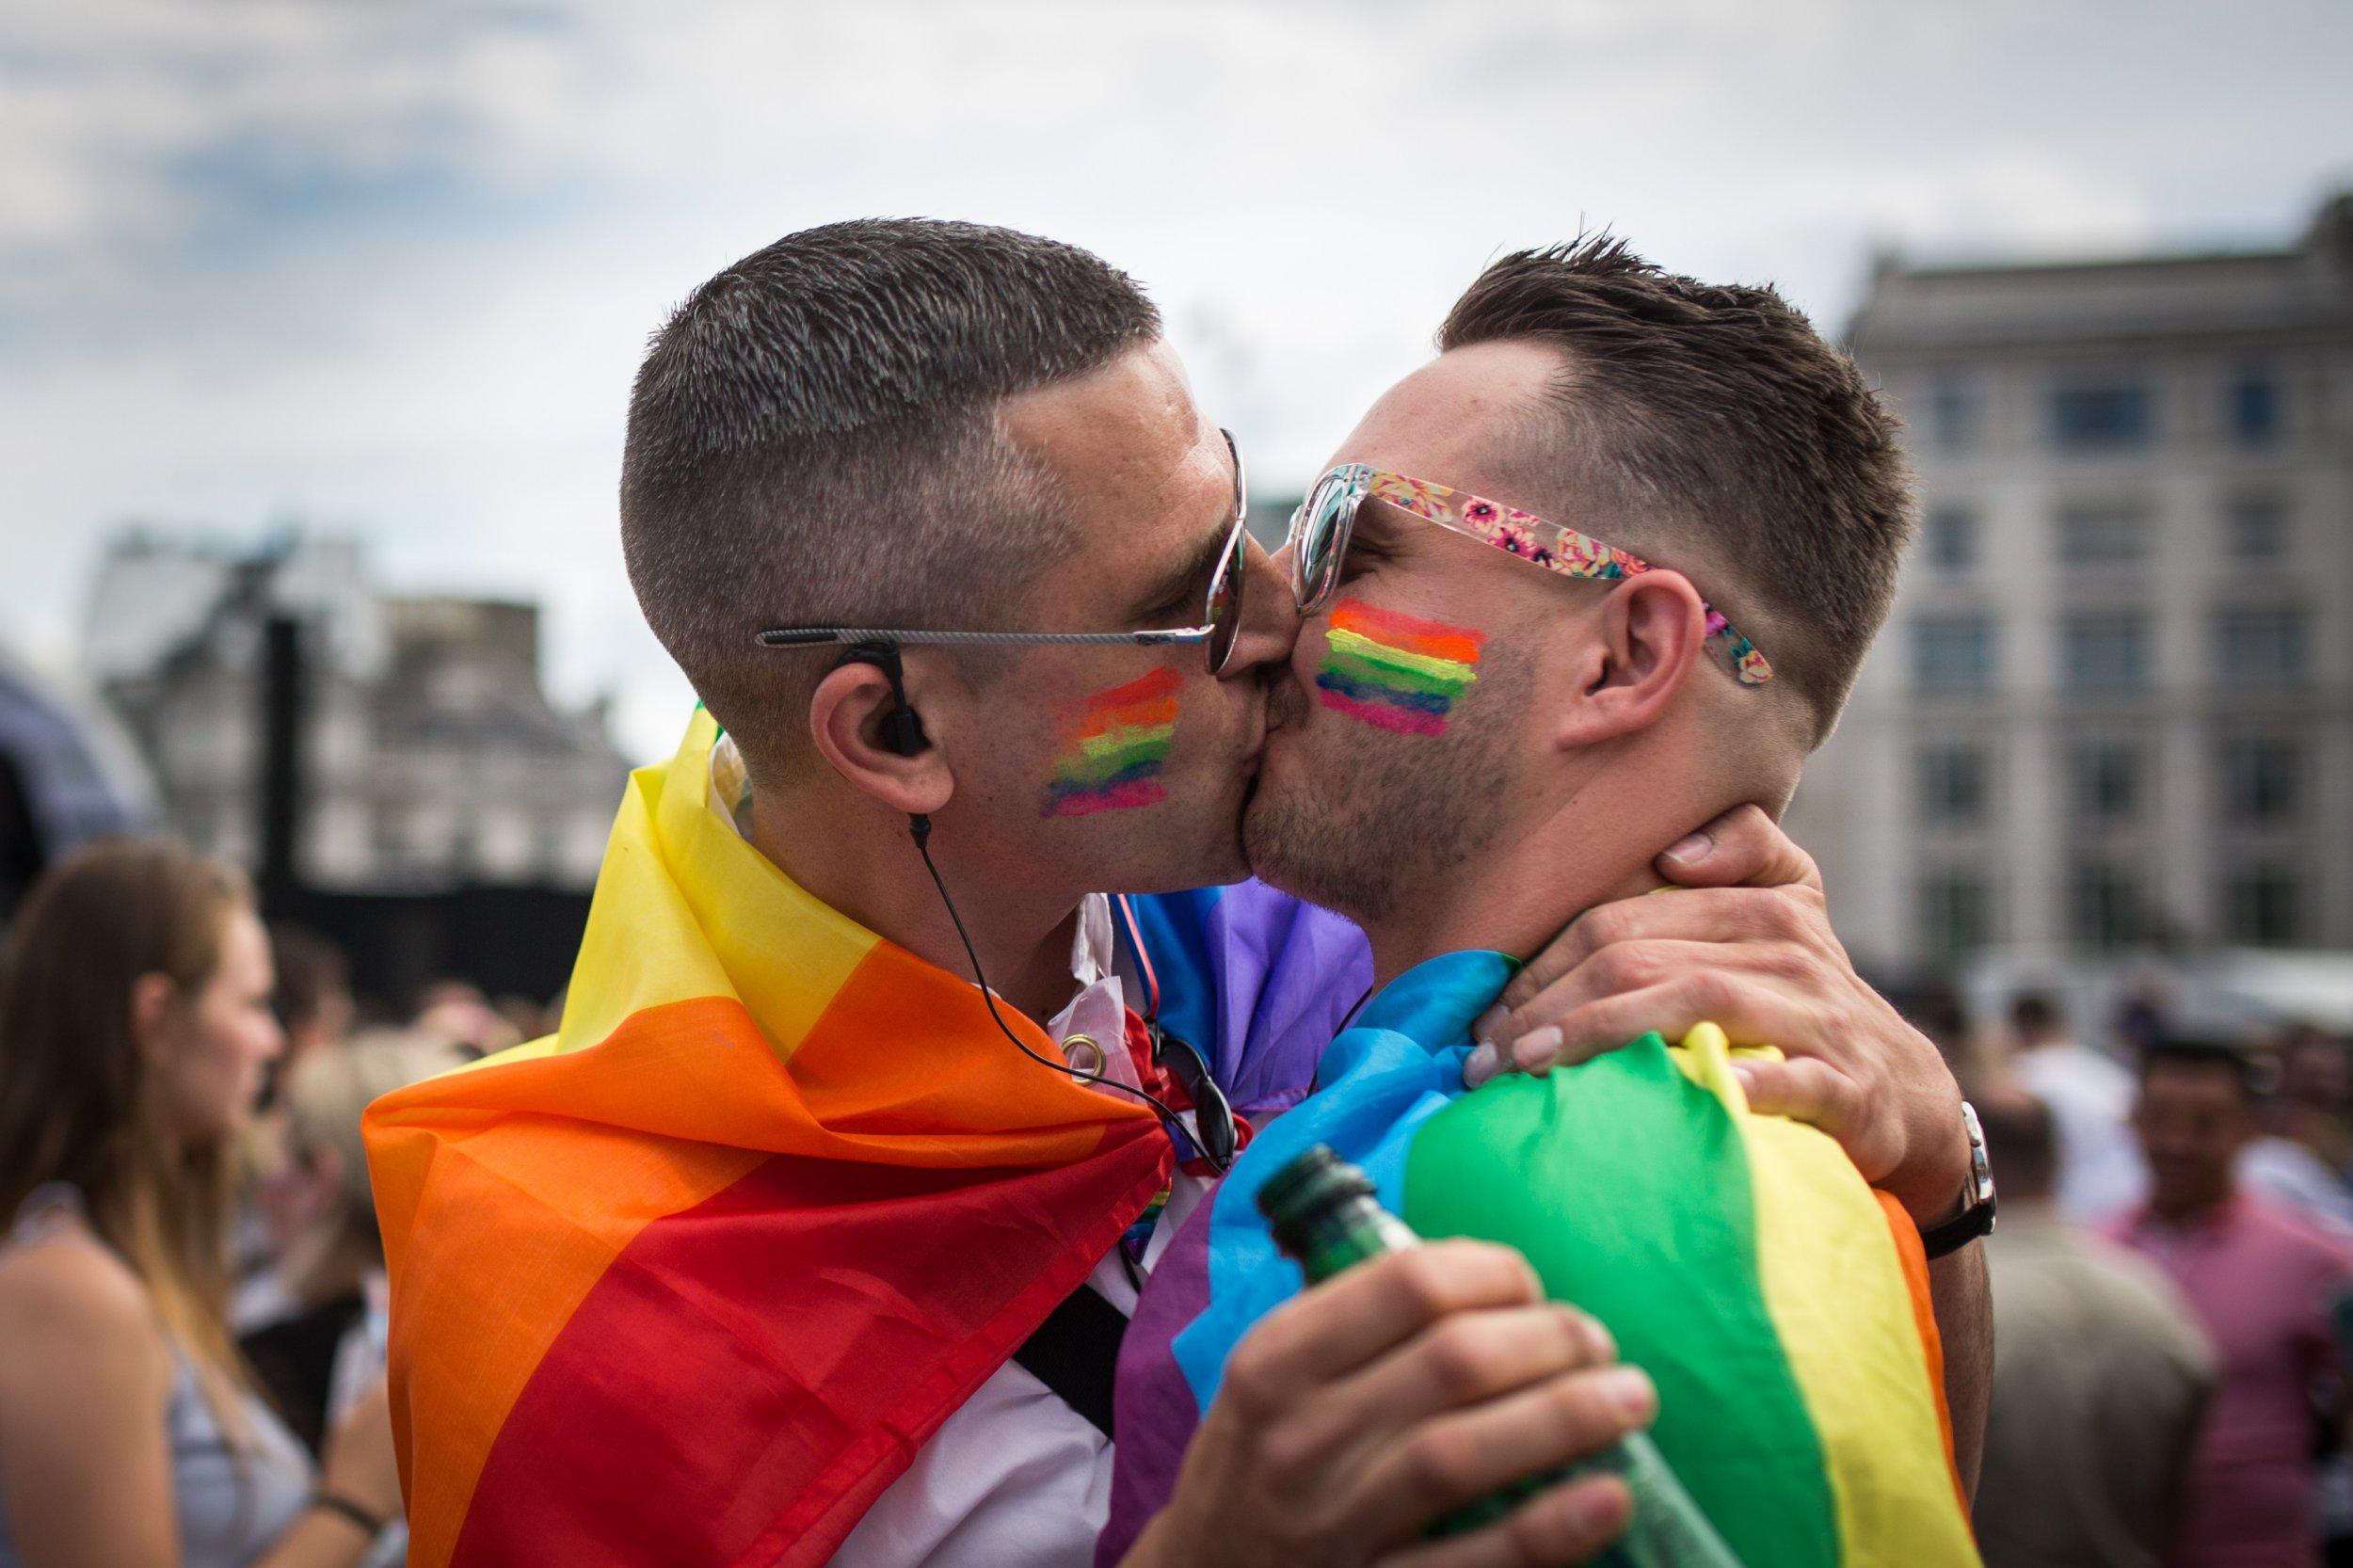 Increased police presence at London Pride parade following Orlando shooting at LGBT club